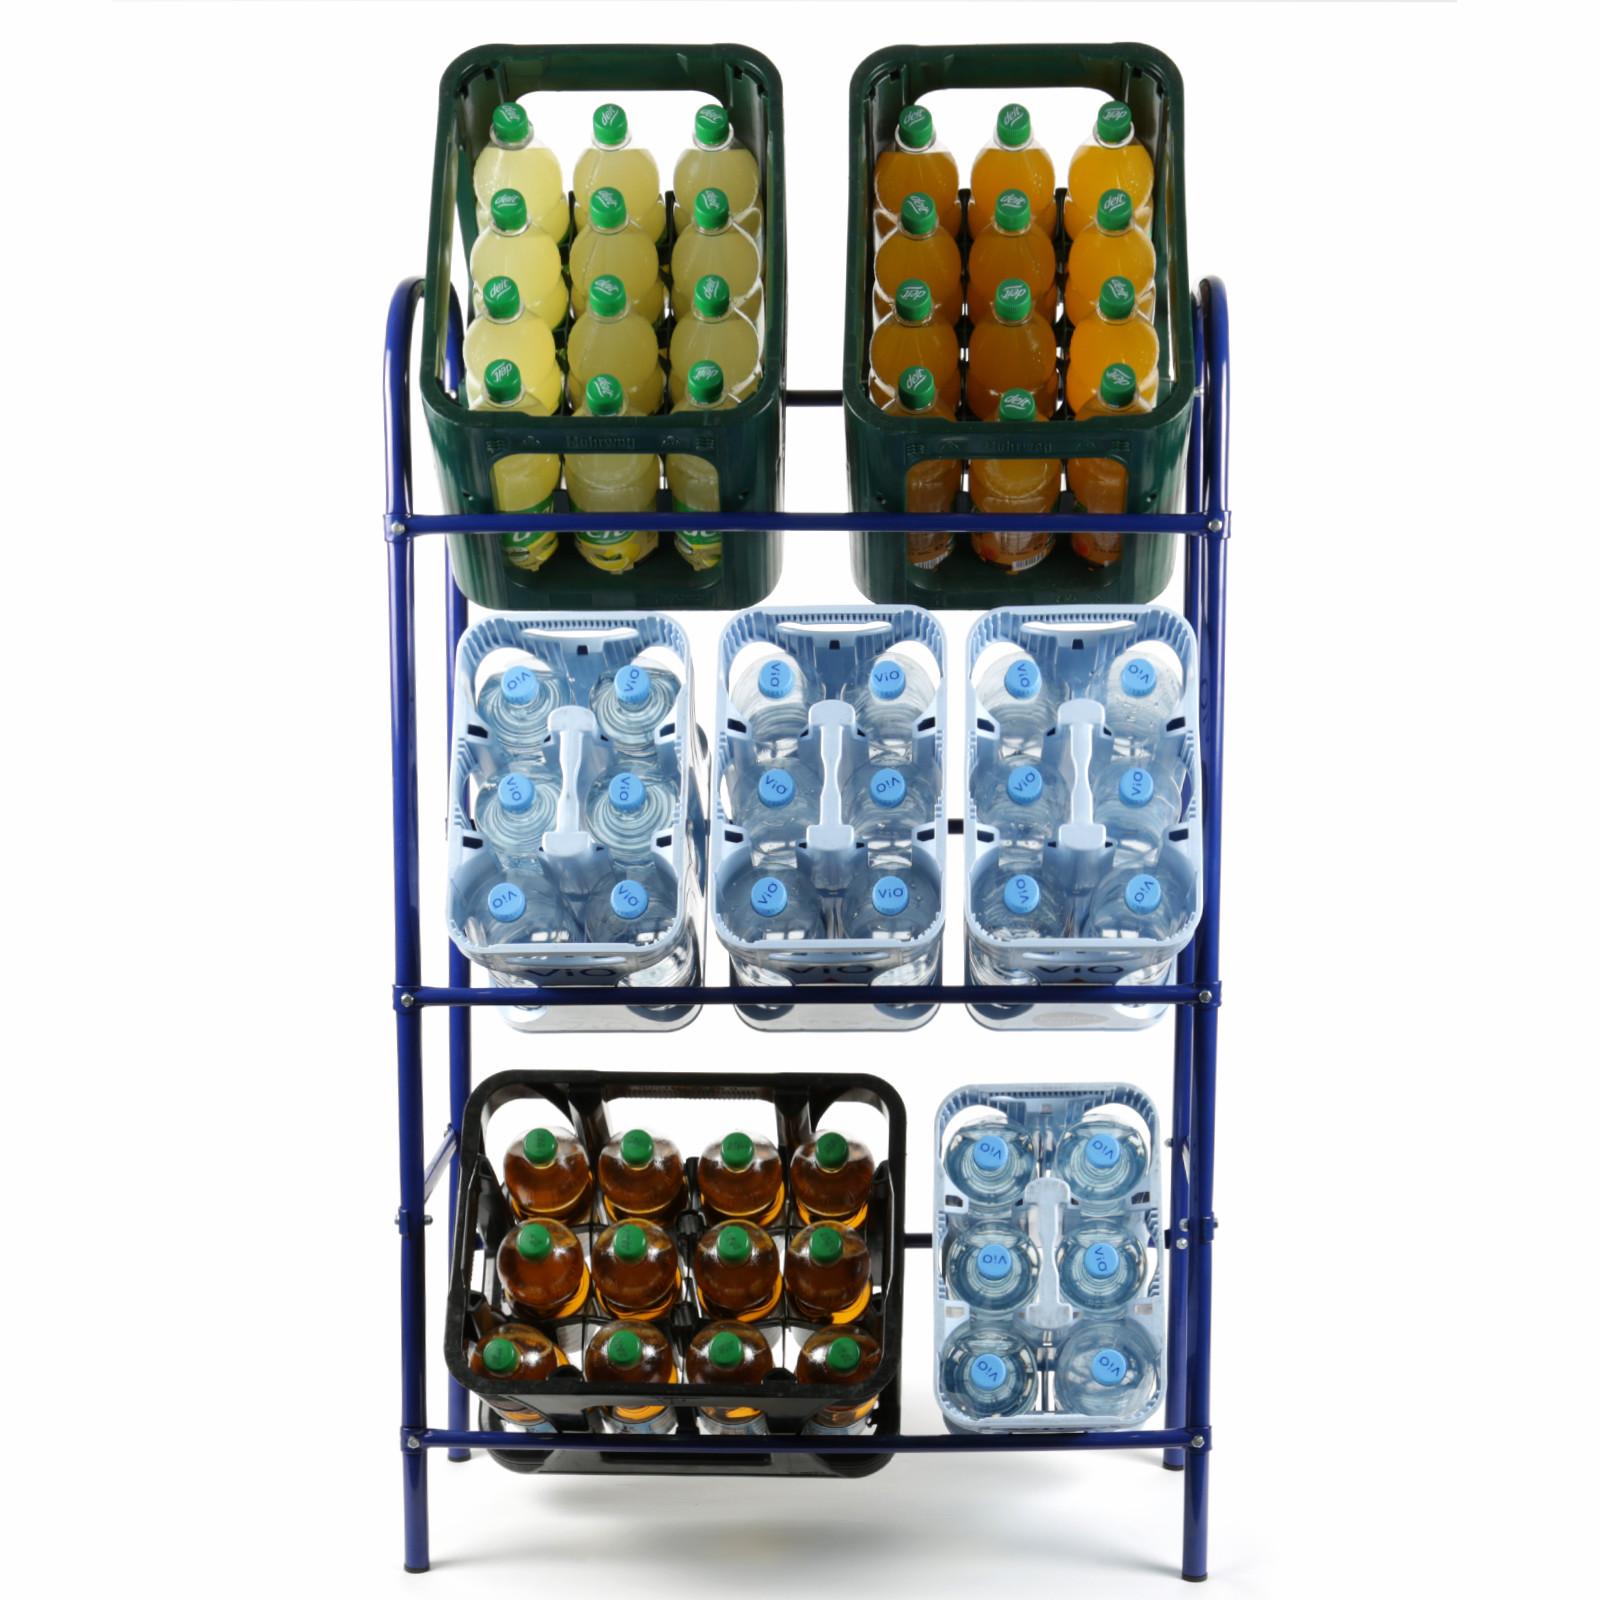 Flaschenkastenregal für 6 Kasten Getränkeständer Kastenregal ...